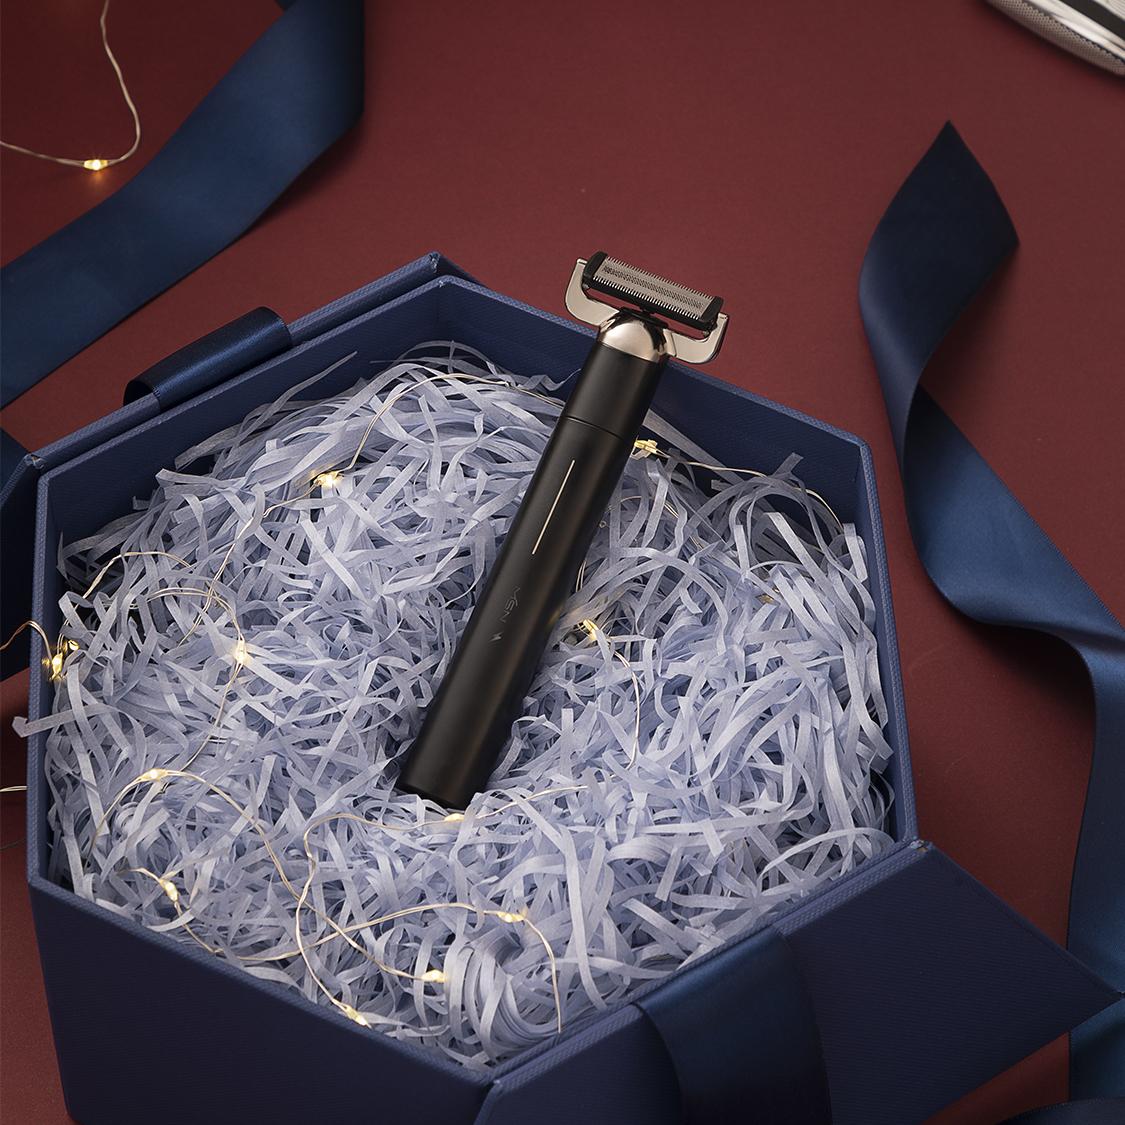 美森多功能剃须刀男士电动刮胡刀智能超干净胡子剃毛器送男友礼物